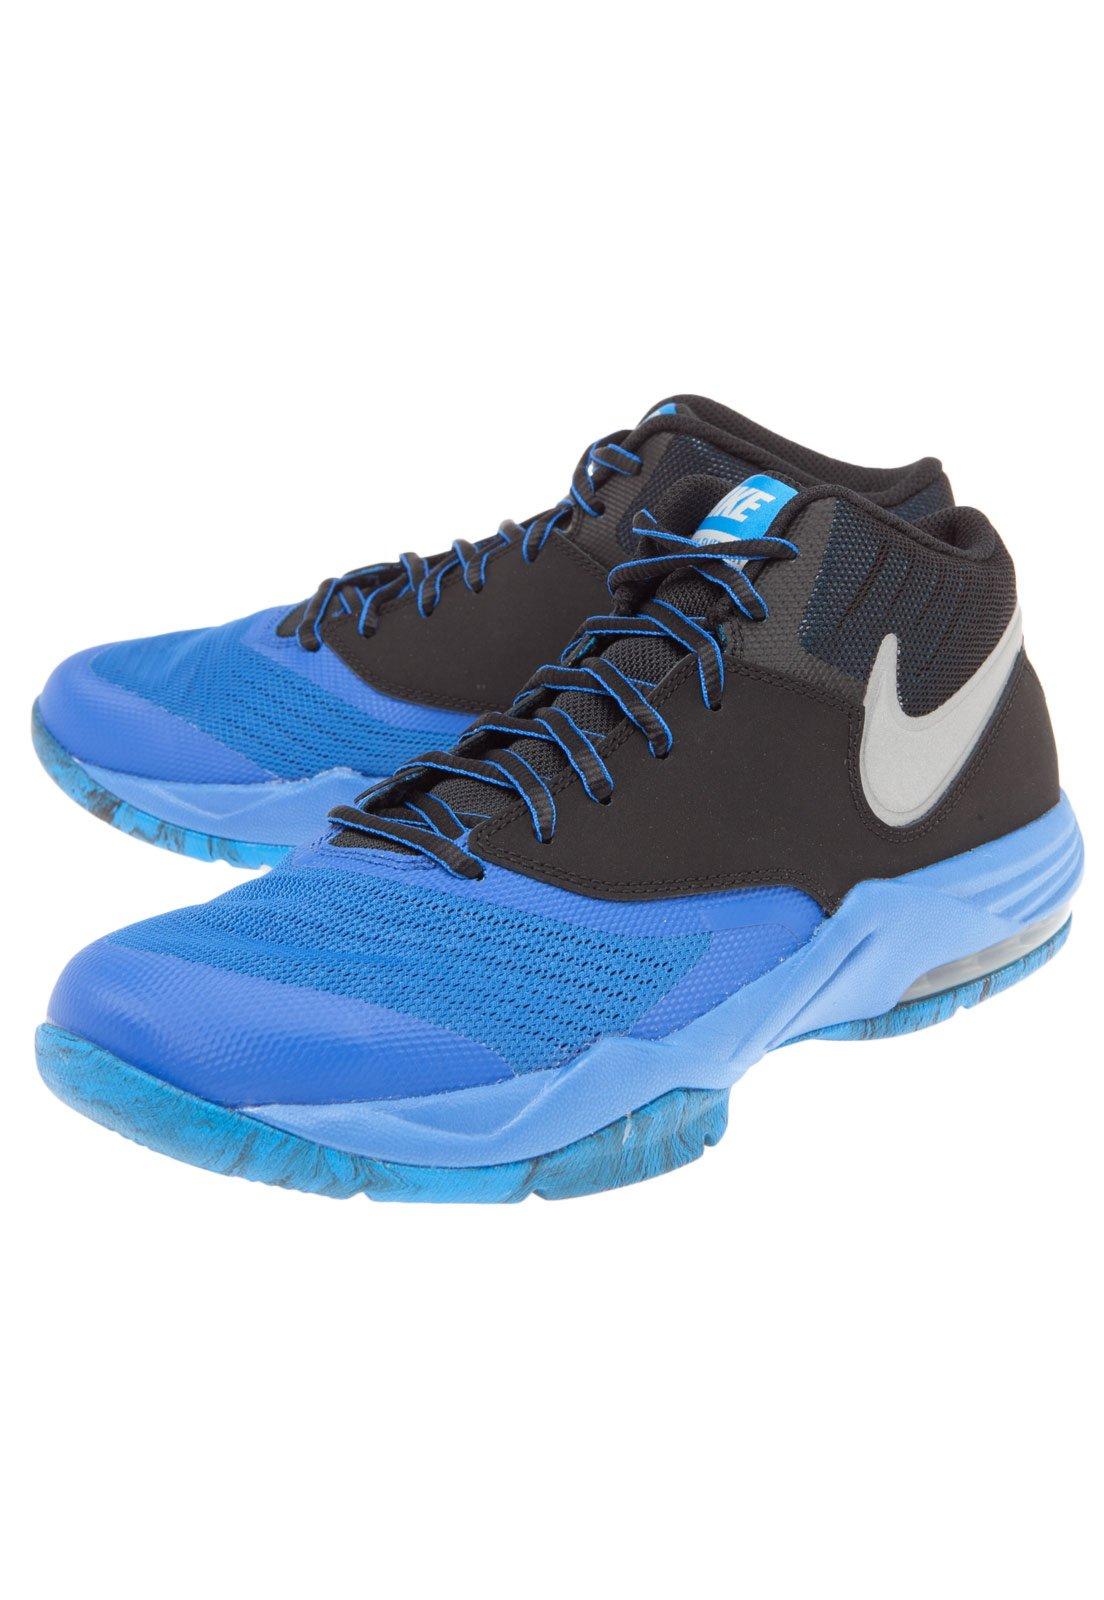 Tênis Nike Air Max Emergent Preto - Compre  d4f43da4a7892